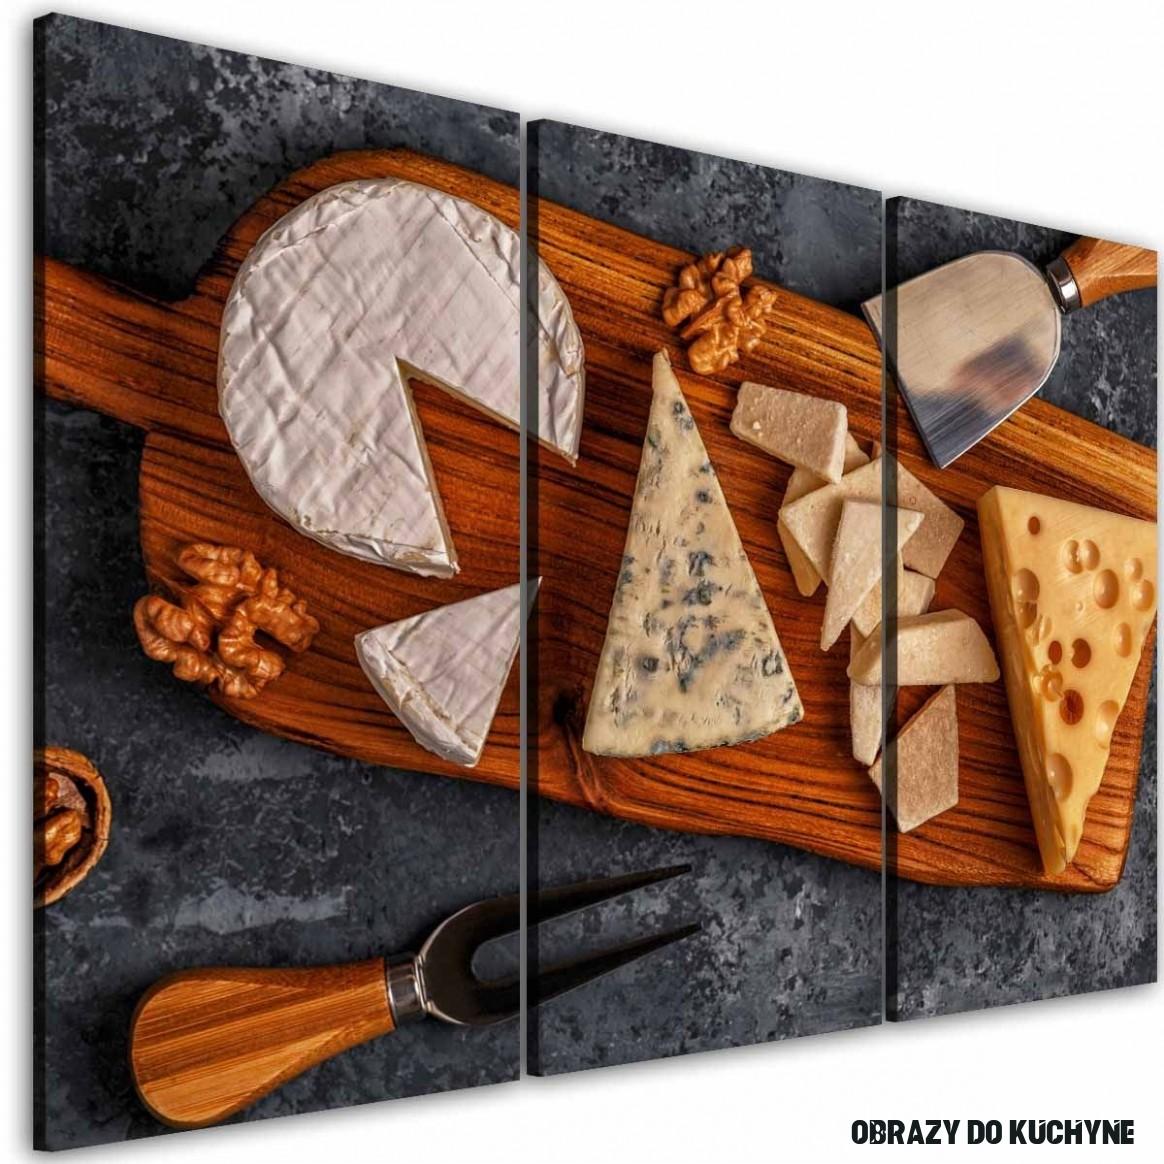 Parádní obrazy do kuchyně či stylové restaurace  Clutch